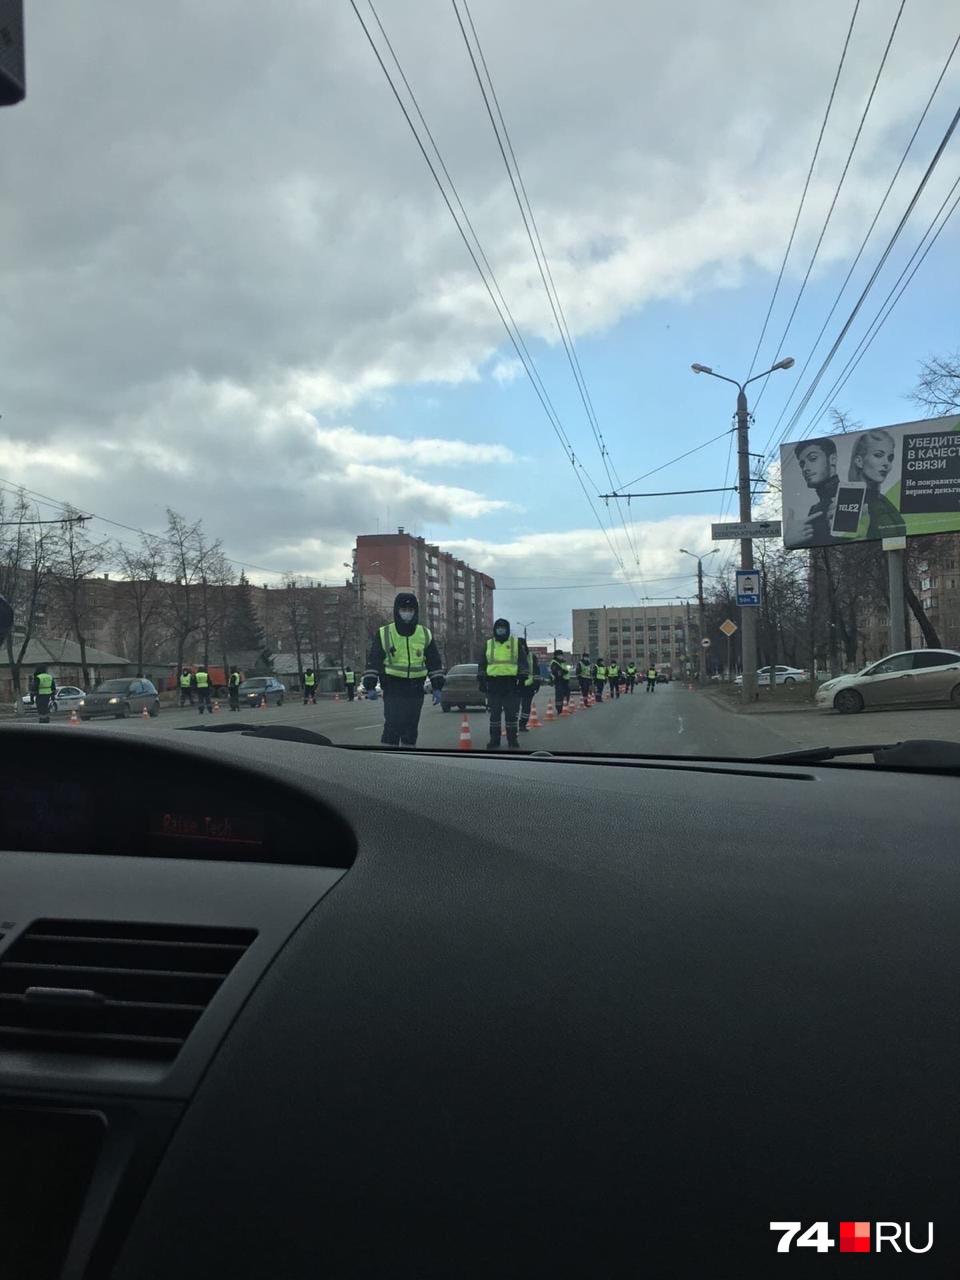 А вот такая сейчас обстановка на Комсомольском проспекте